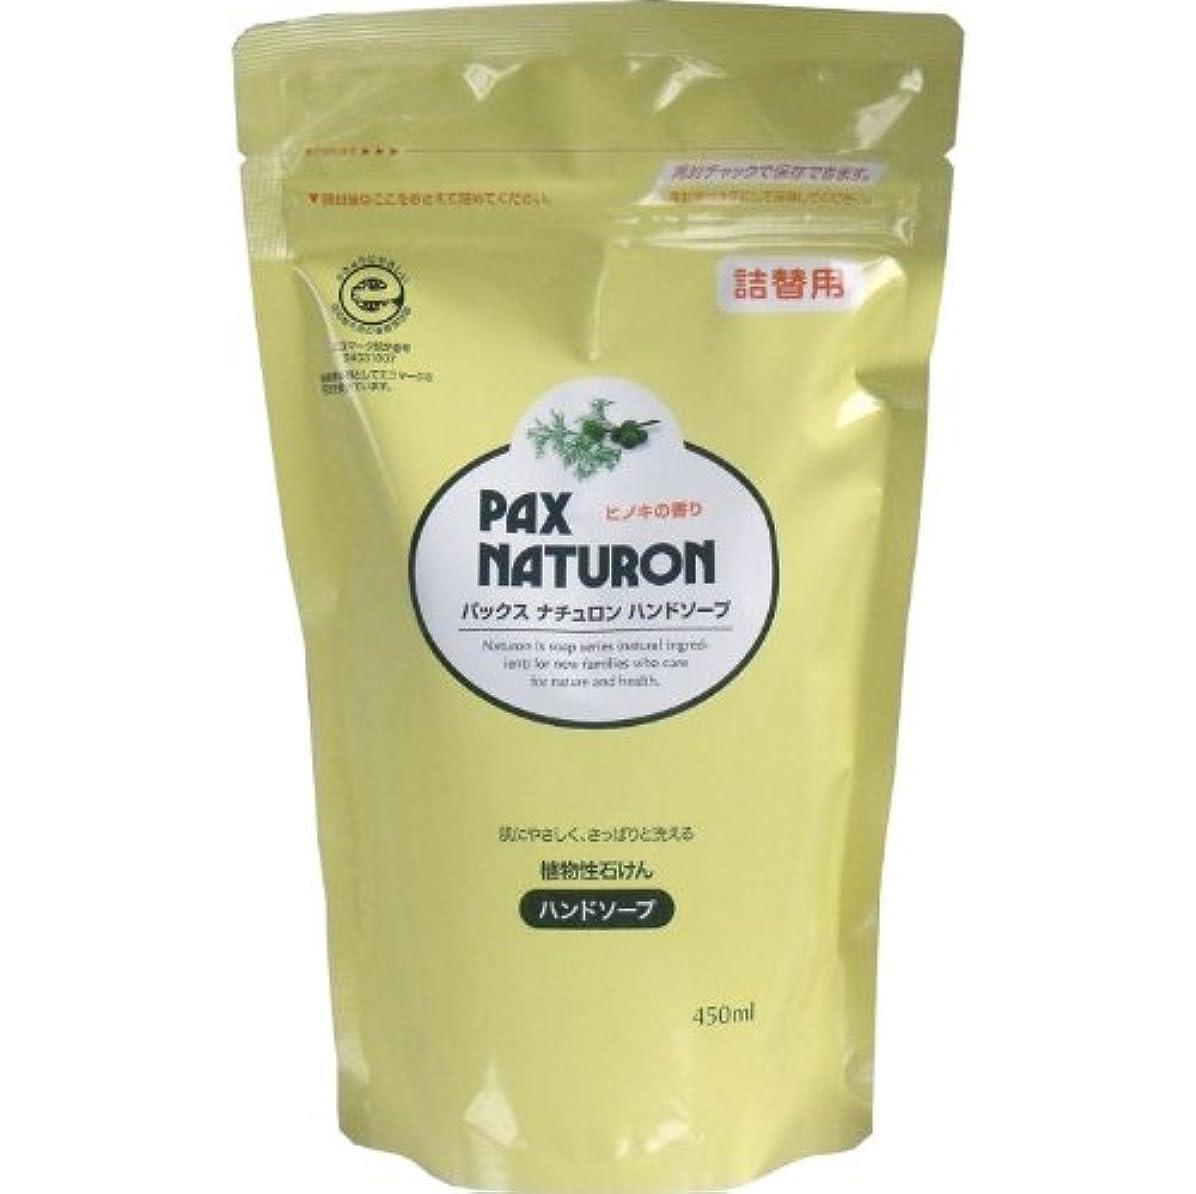 マティス自発的化学肌にやさしく、さっぱりと洗える植物性石けん!植物性ハンドソープ 詰替用 450mL【4個セット】